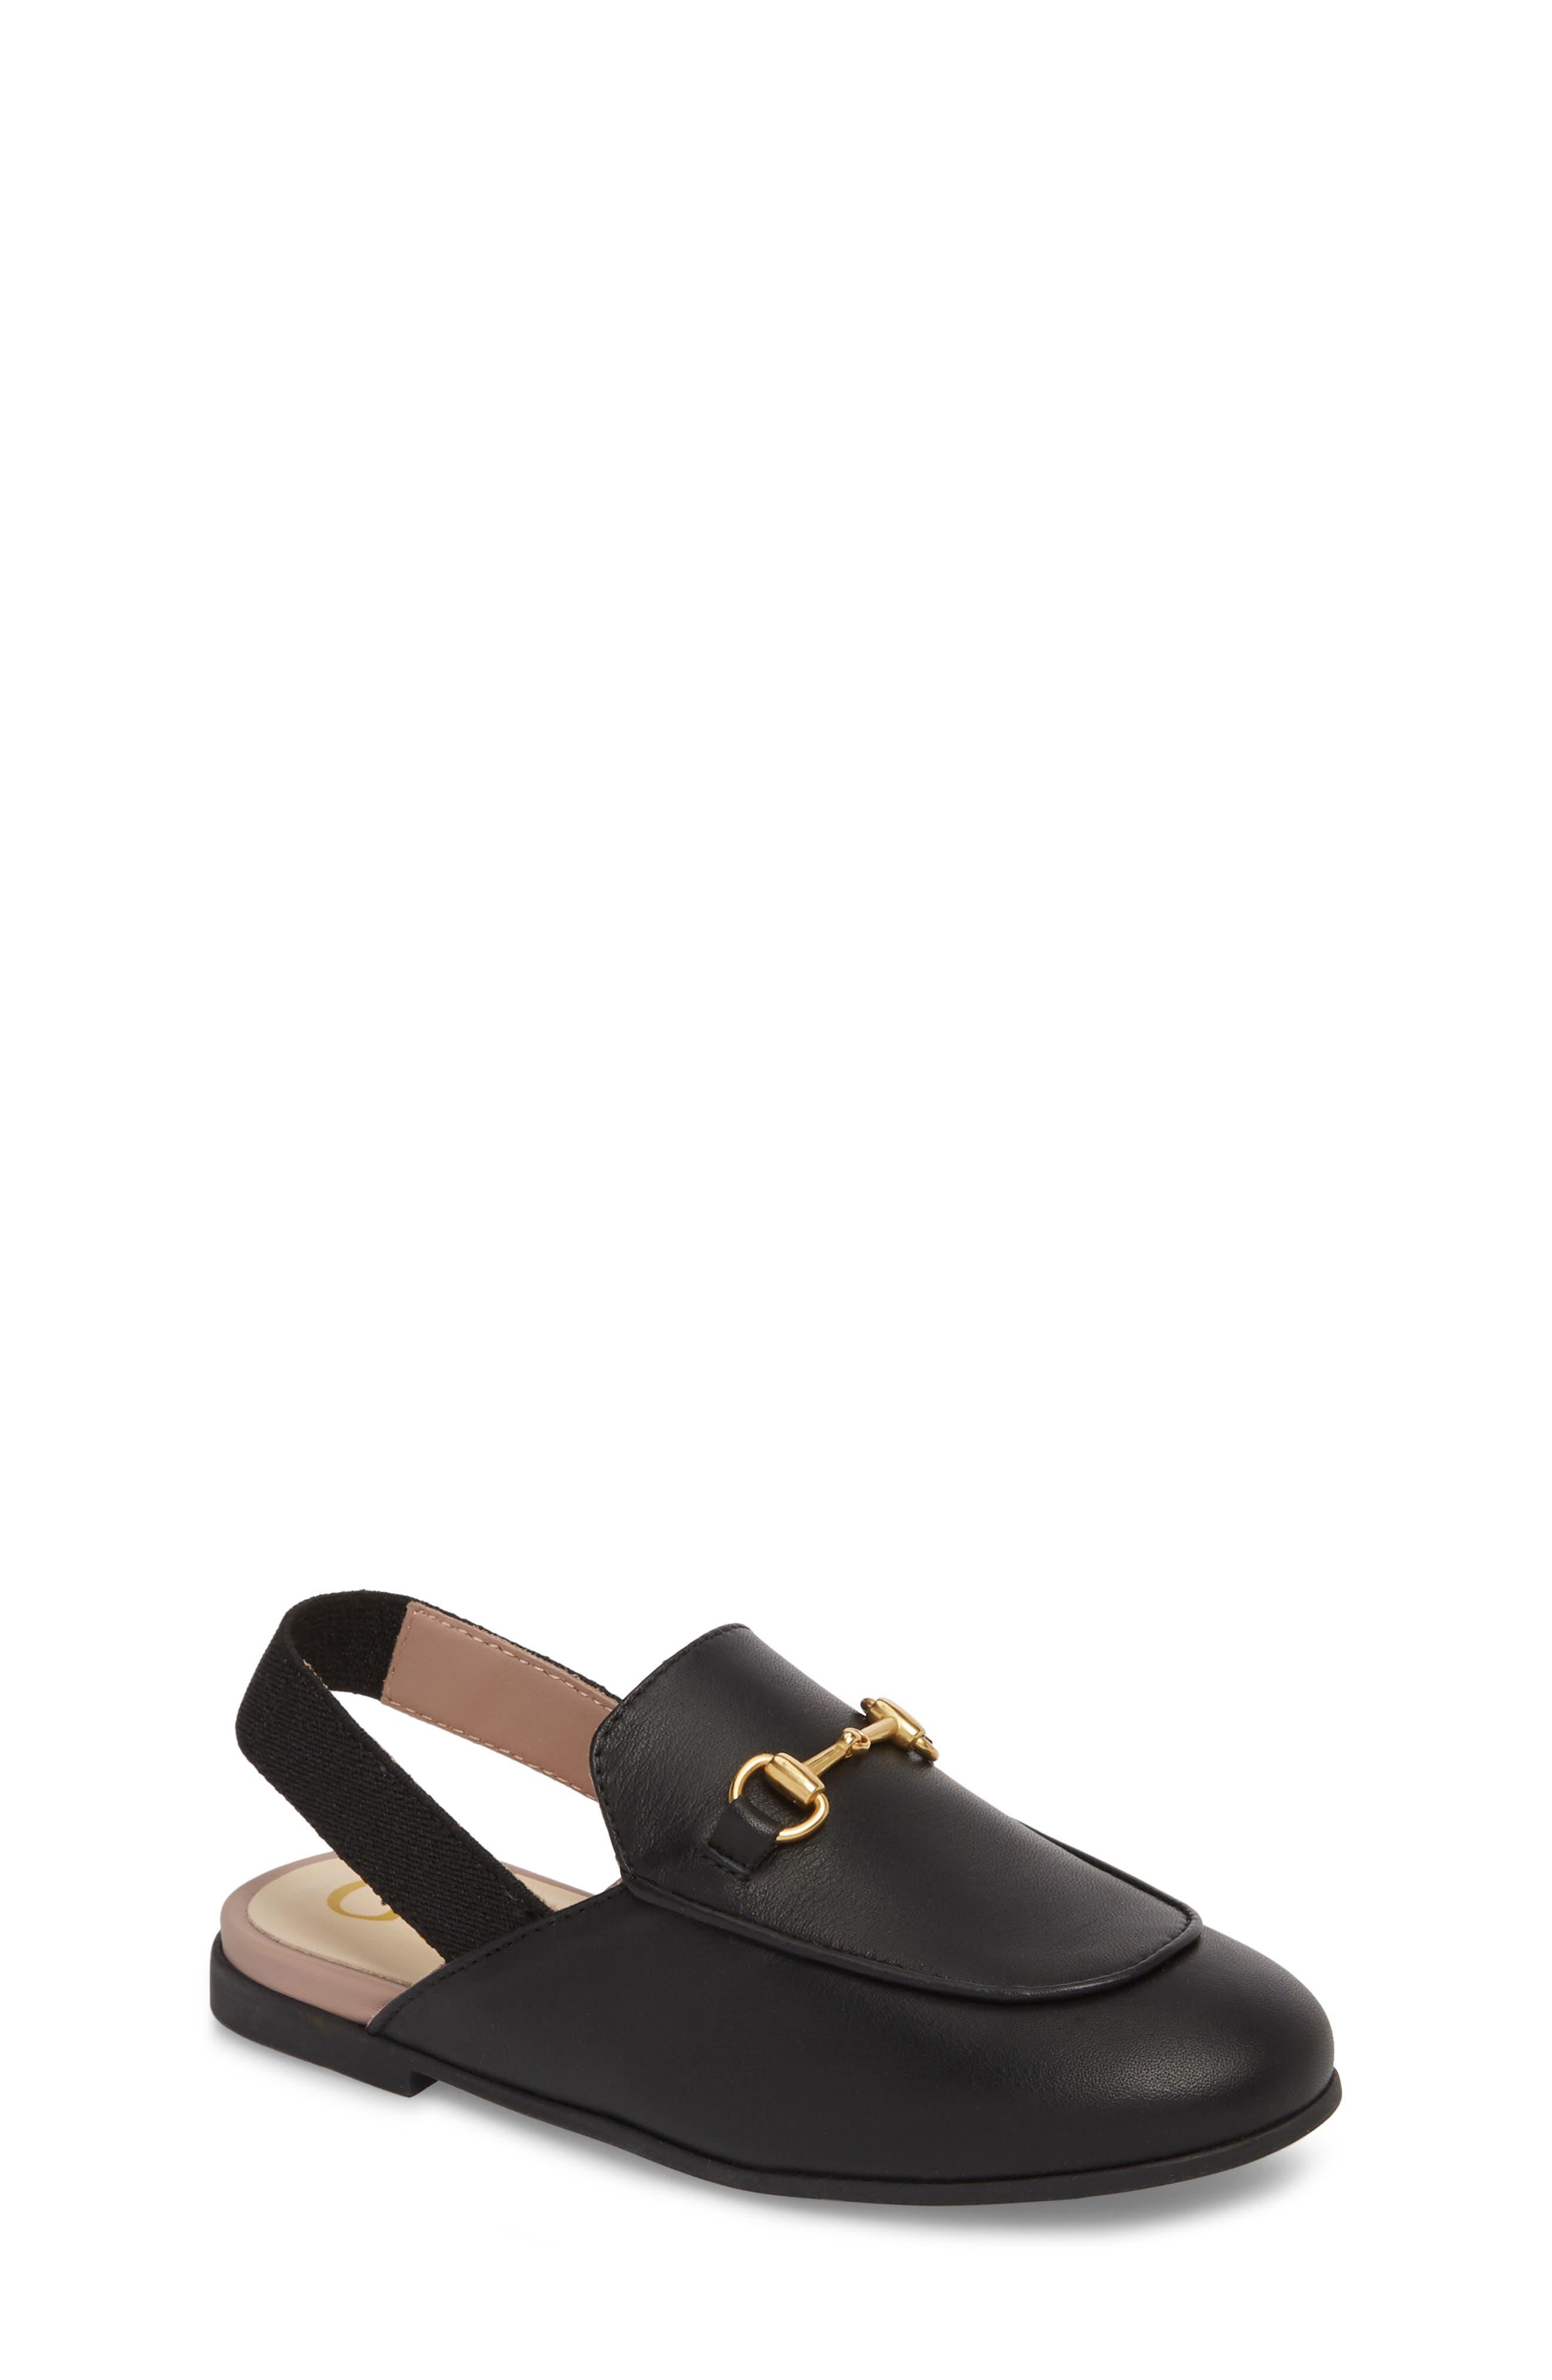 Princetown Loafer Mule, Main, color, BLACK/ BLACK